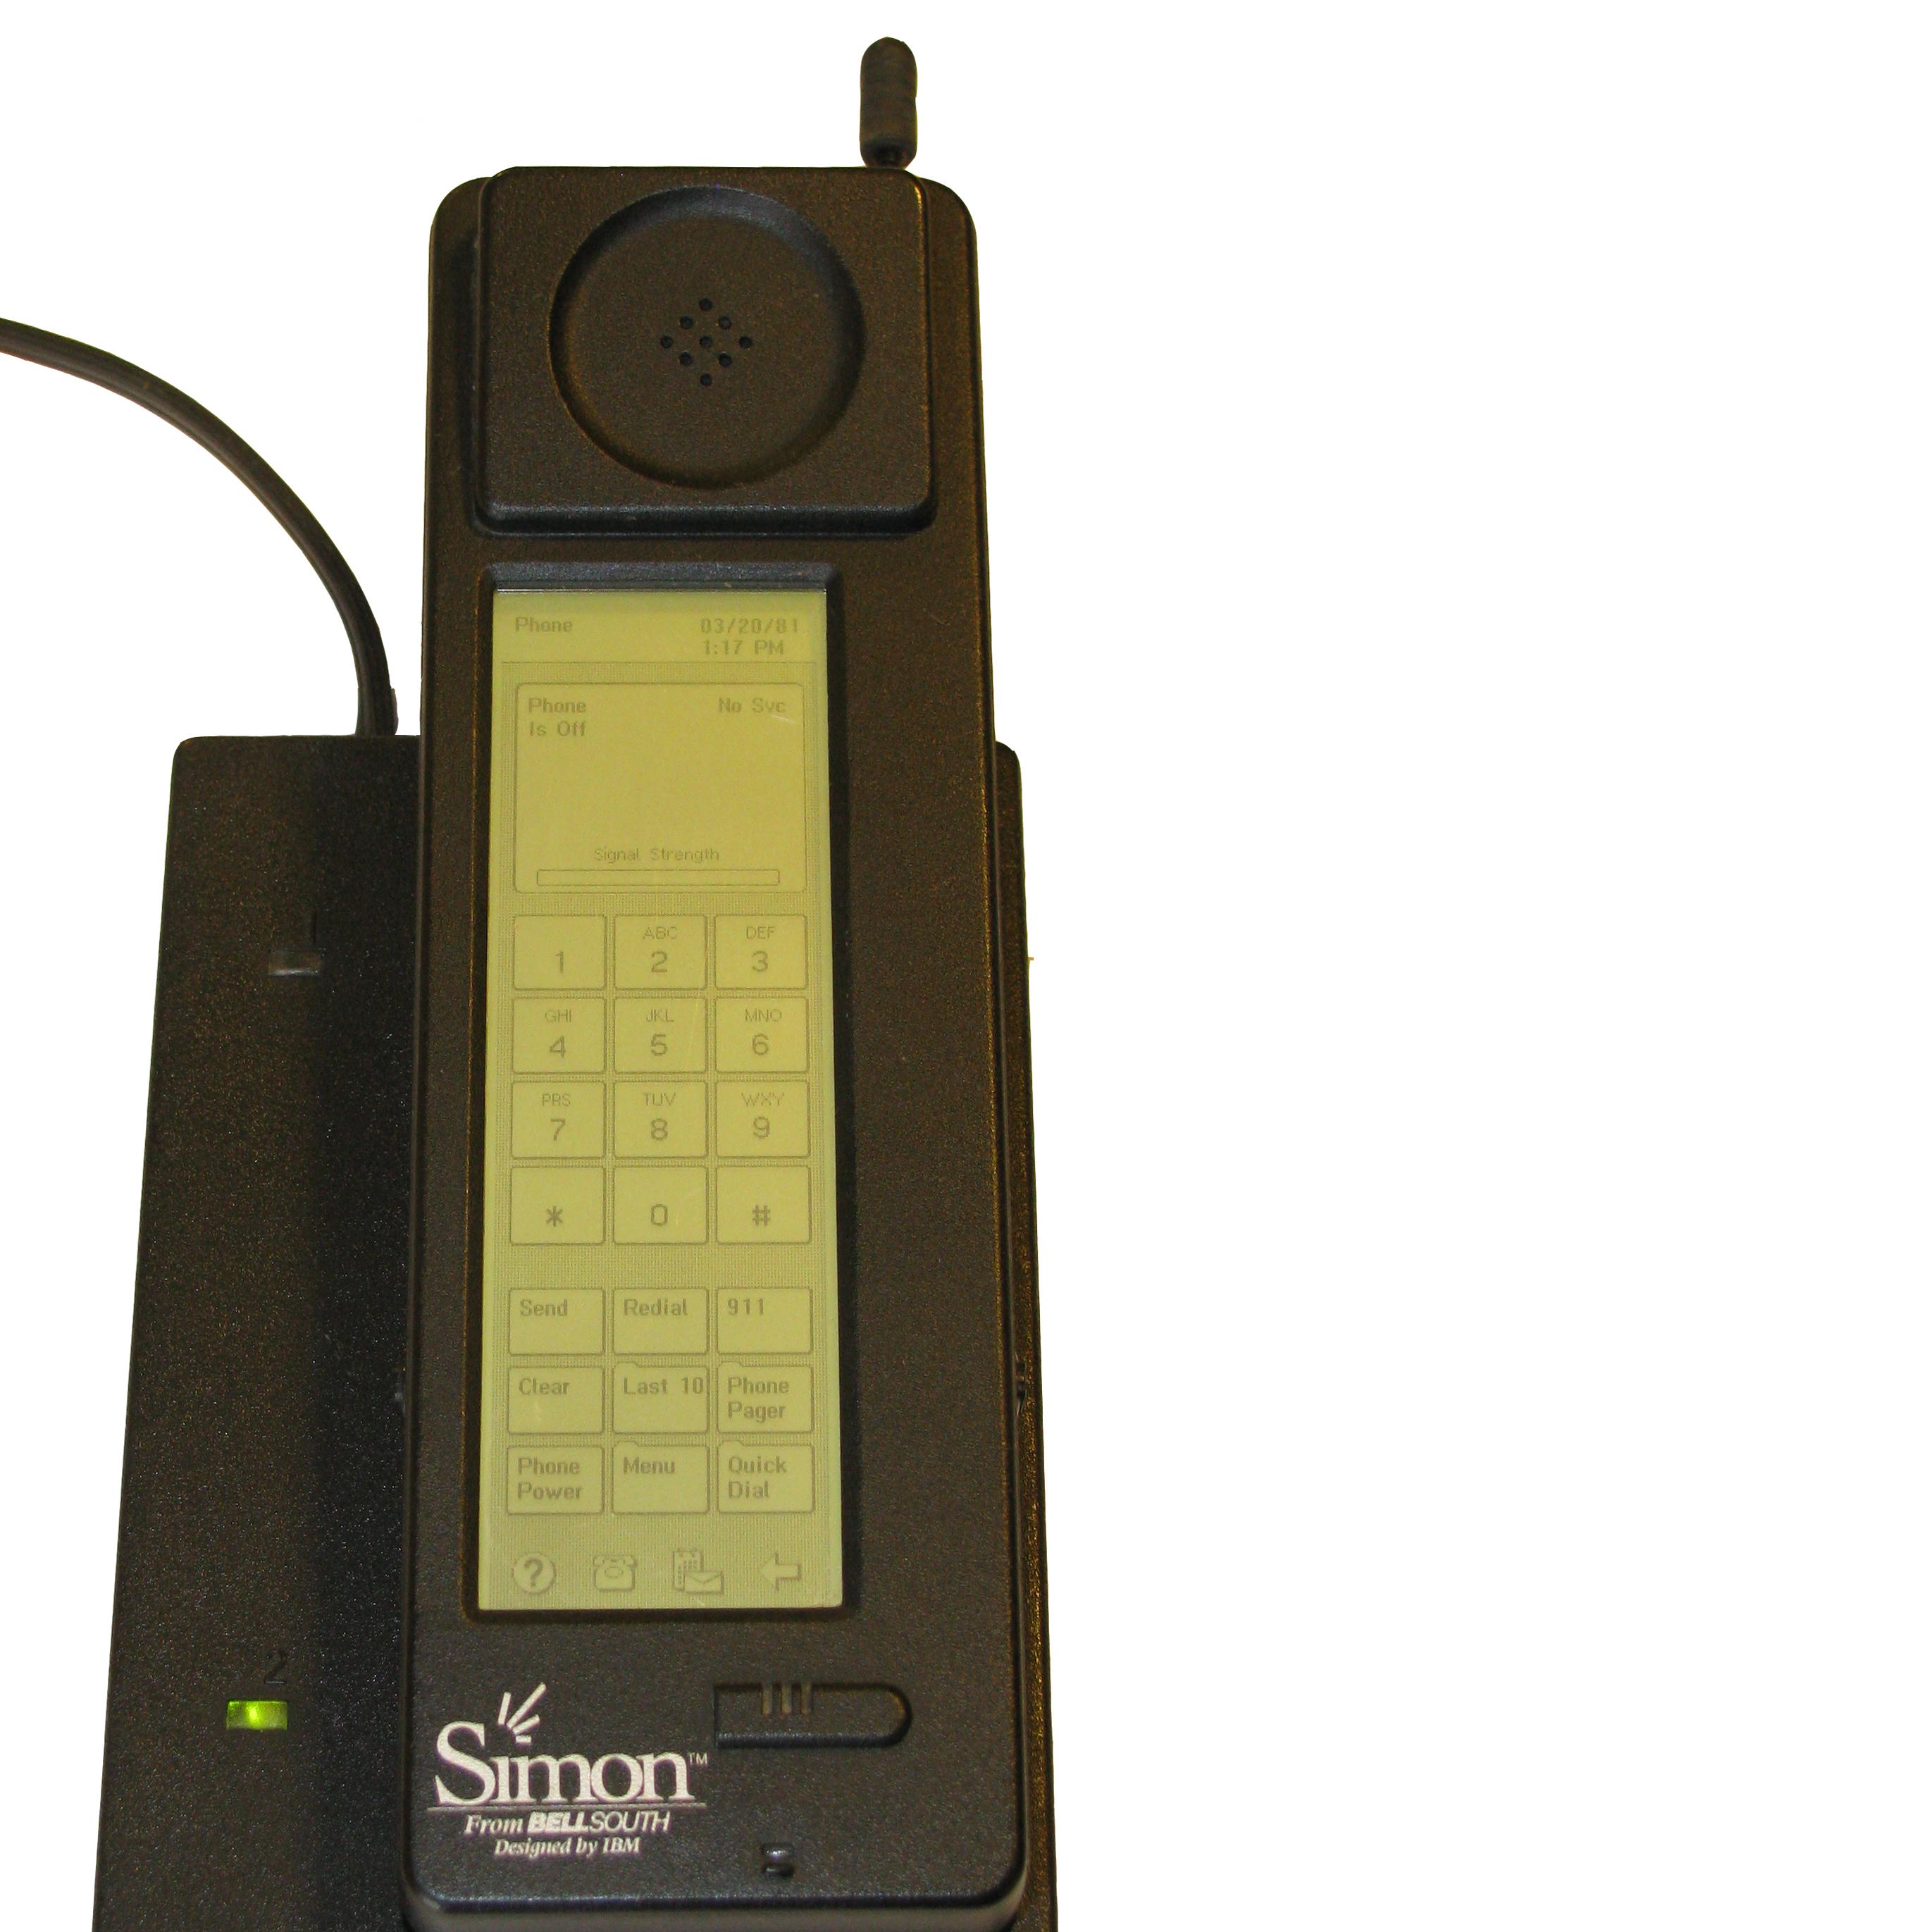 IBM Simon Personal Communicator - Това е първият смартфон, представен през 1993 г.